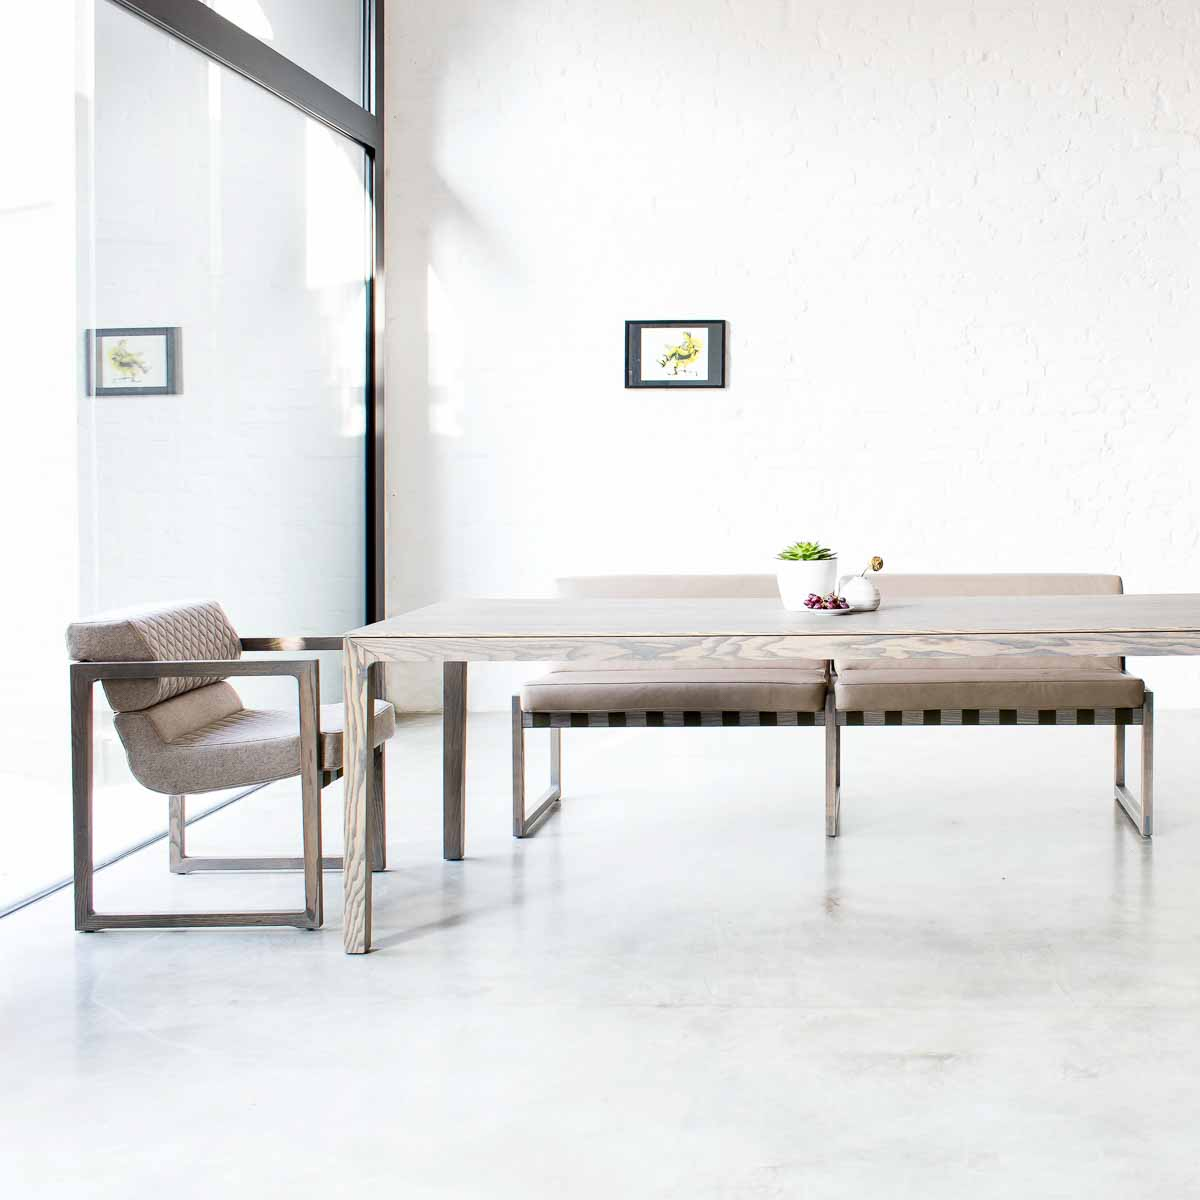 MBzwo Tische und Möbel online bestellen-7